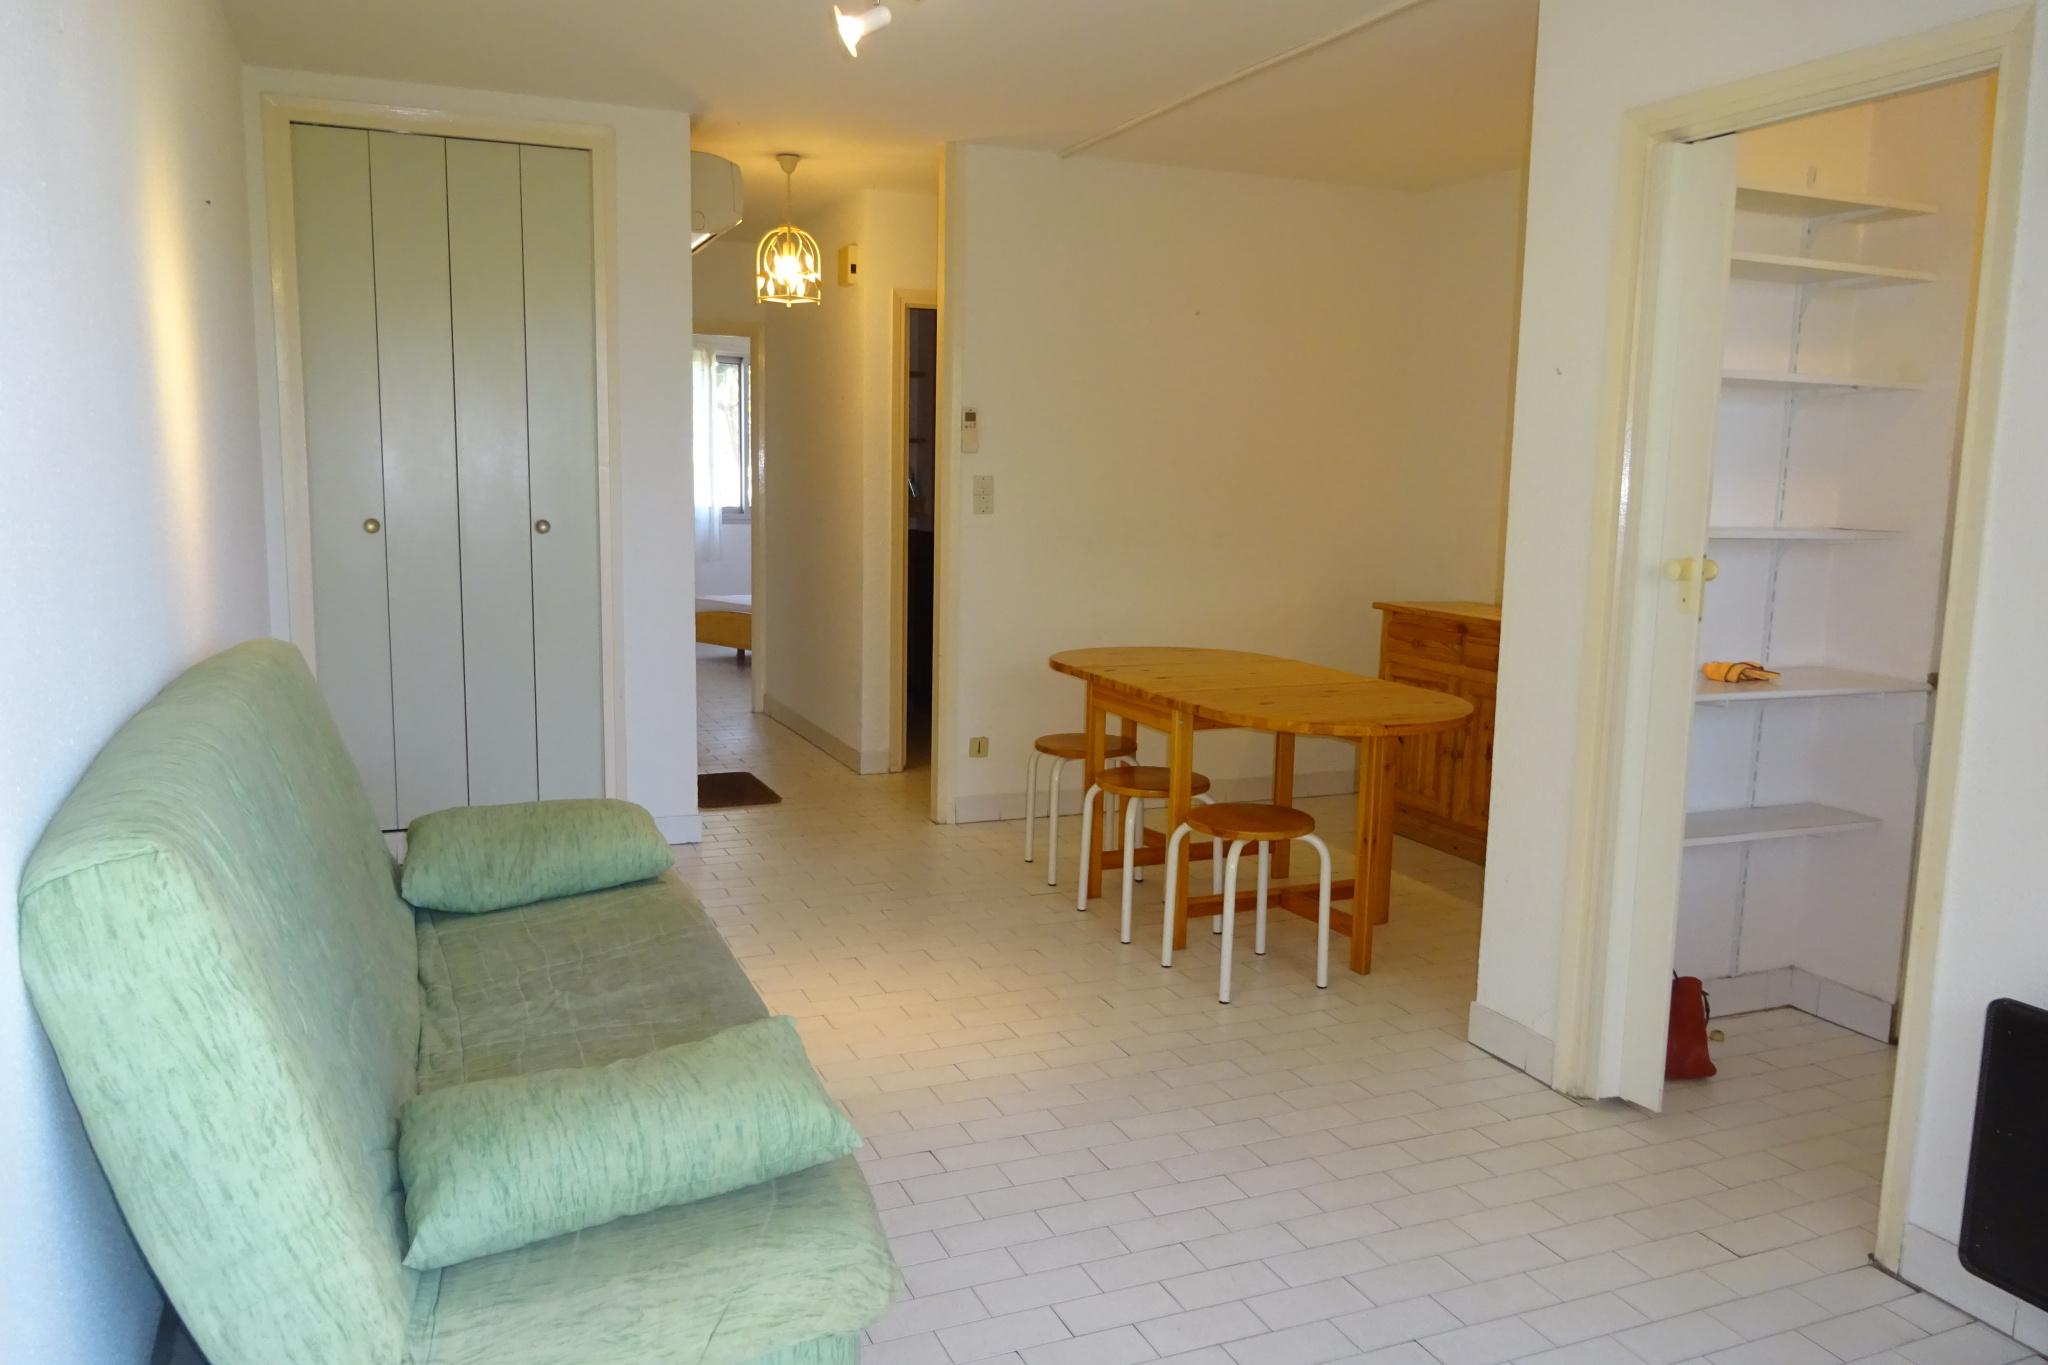 À vendre appartement de 60m2 à argeles sur mer (66700) - Photo 0'